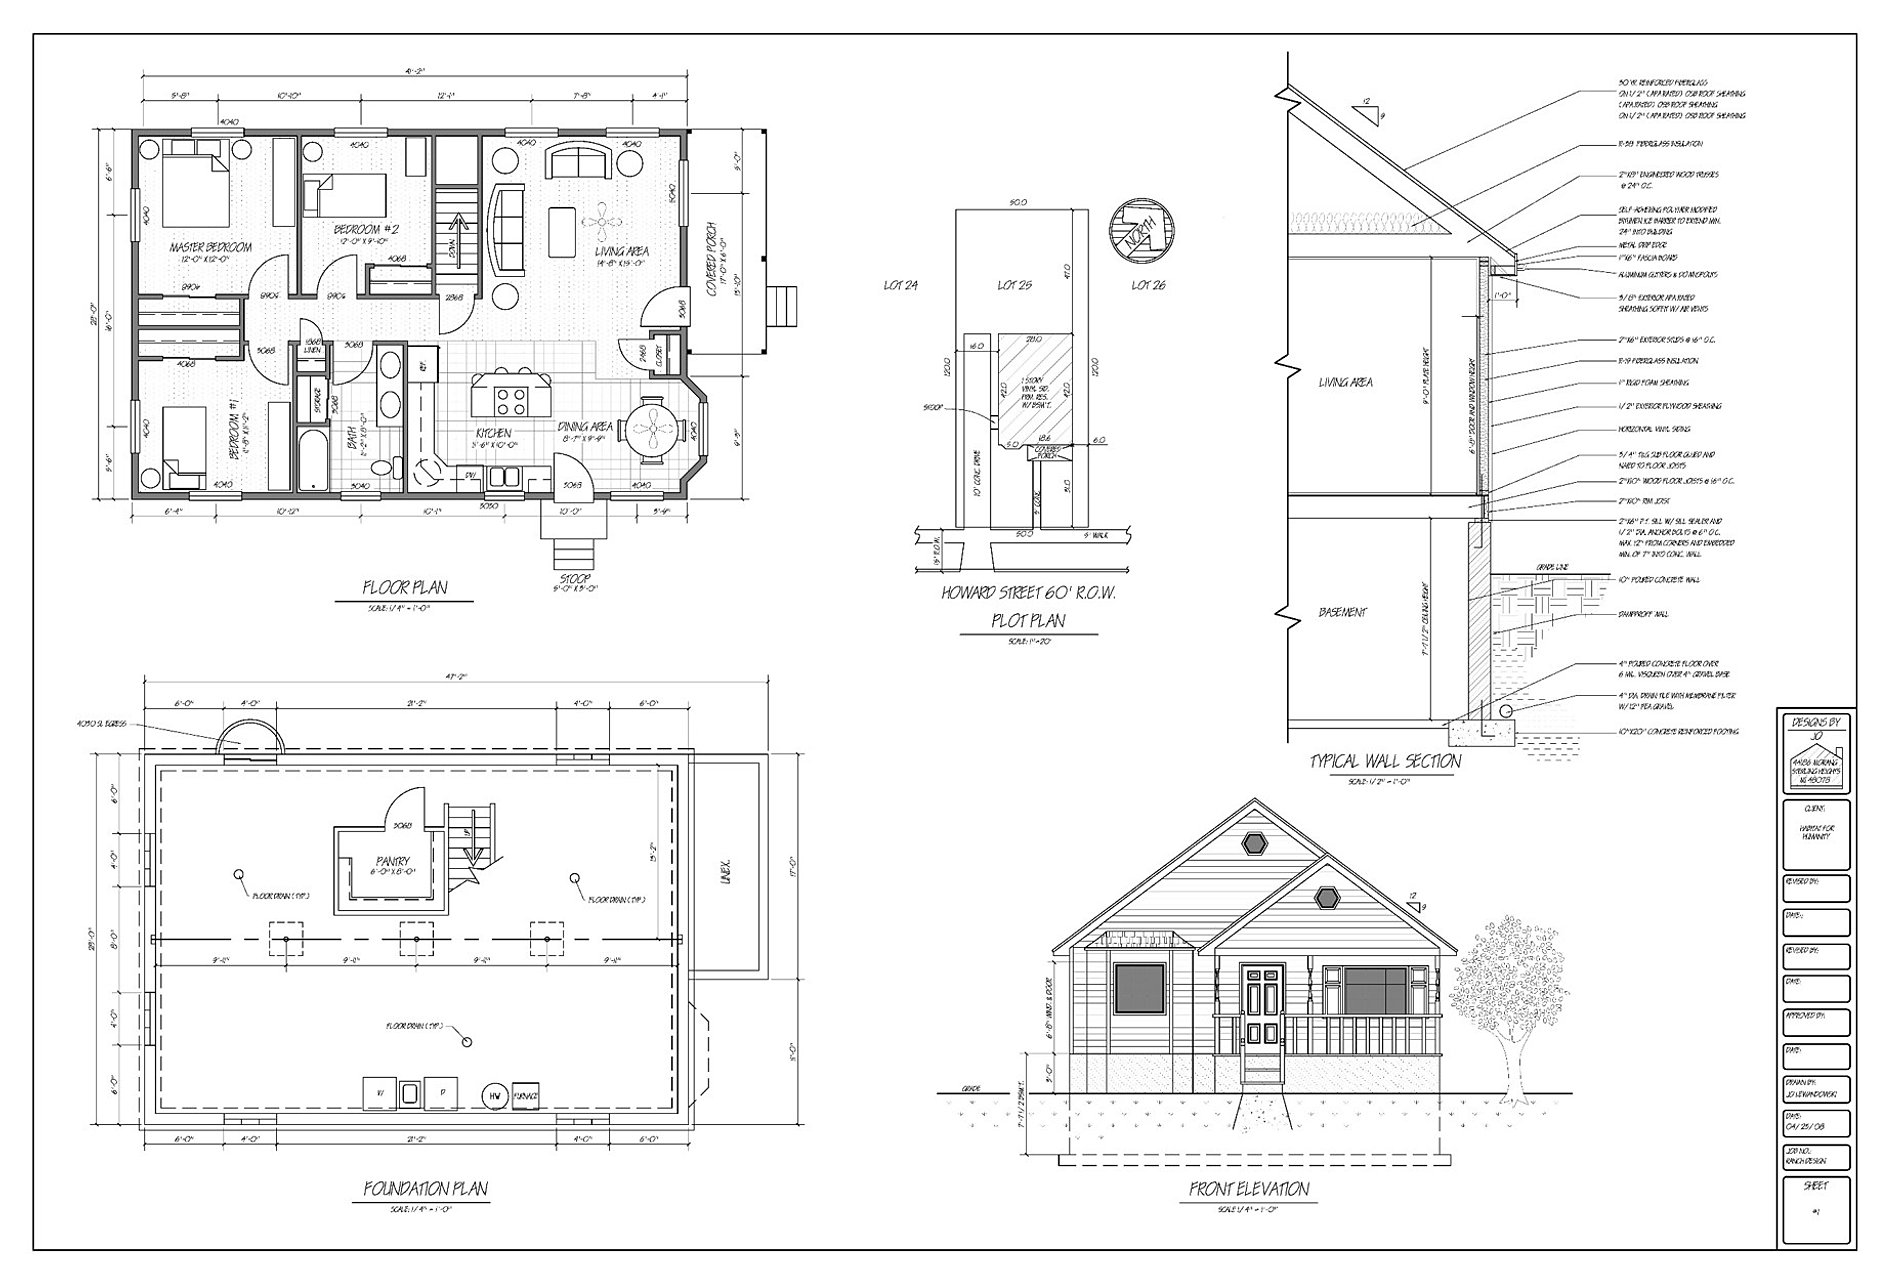 Portfolio habitat for humanity design competition for Habitat for humanity home plans